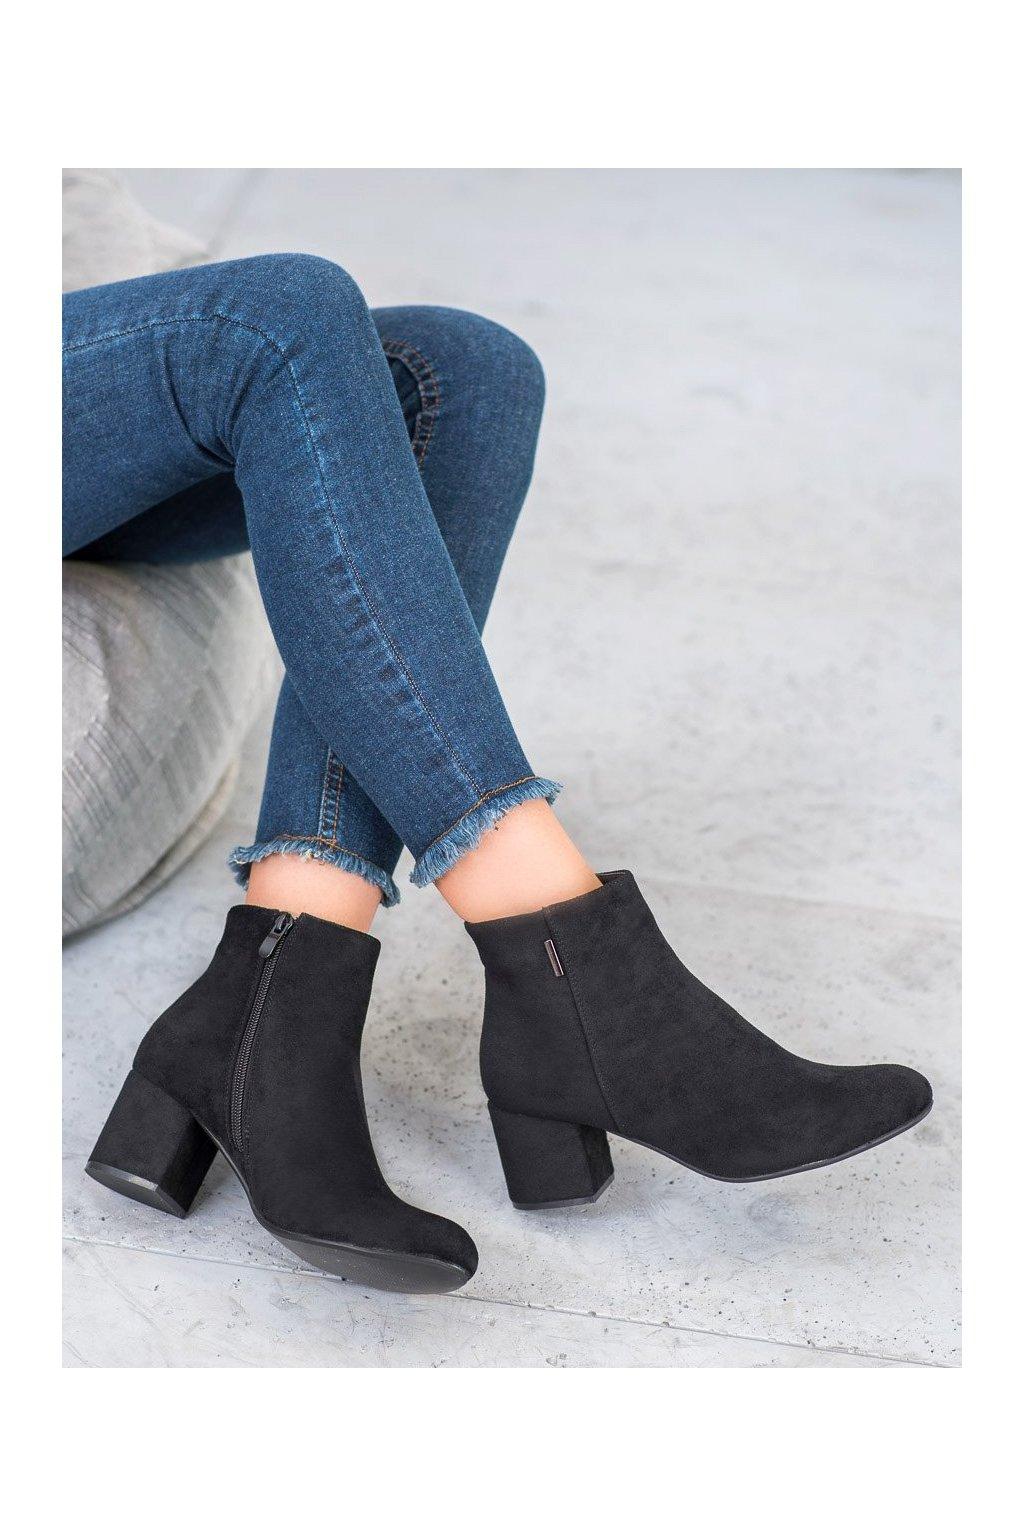 Čierne dámske topánky na hrubom podpätku J. star kod A9312-1B